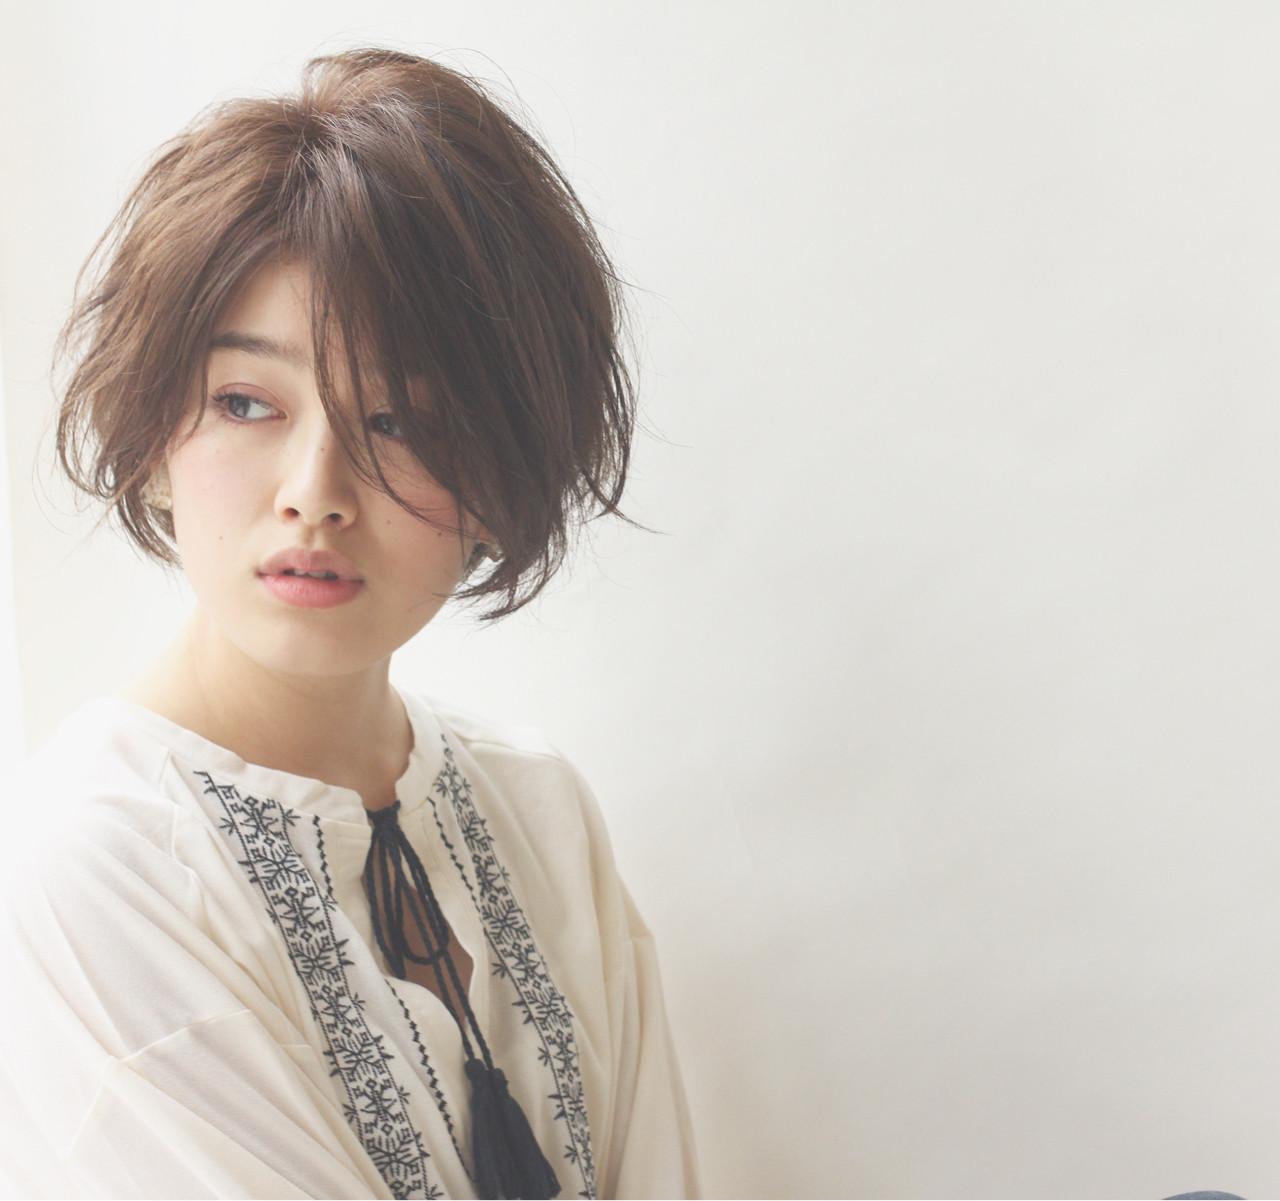 大人女子に人気の髪型とは?力の抜けたナチュラルさが魅力のヘアスタイル10選 ショートボブの匠【 山内大成 】